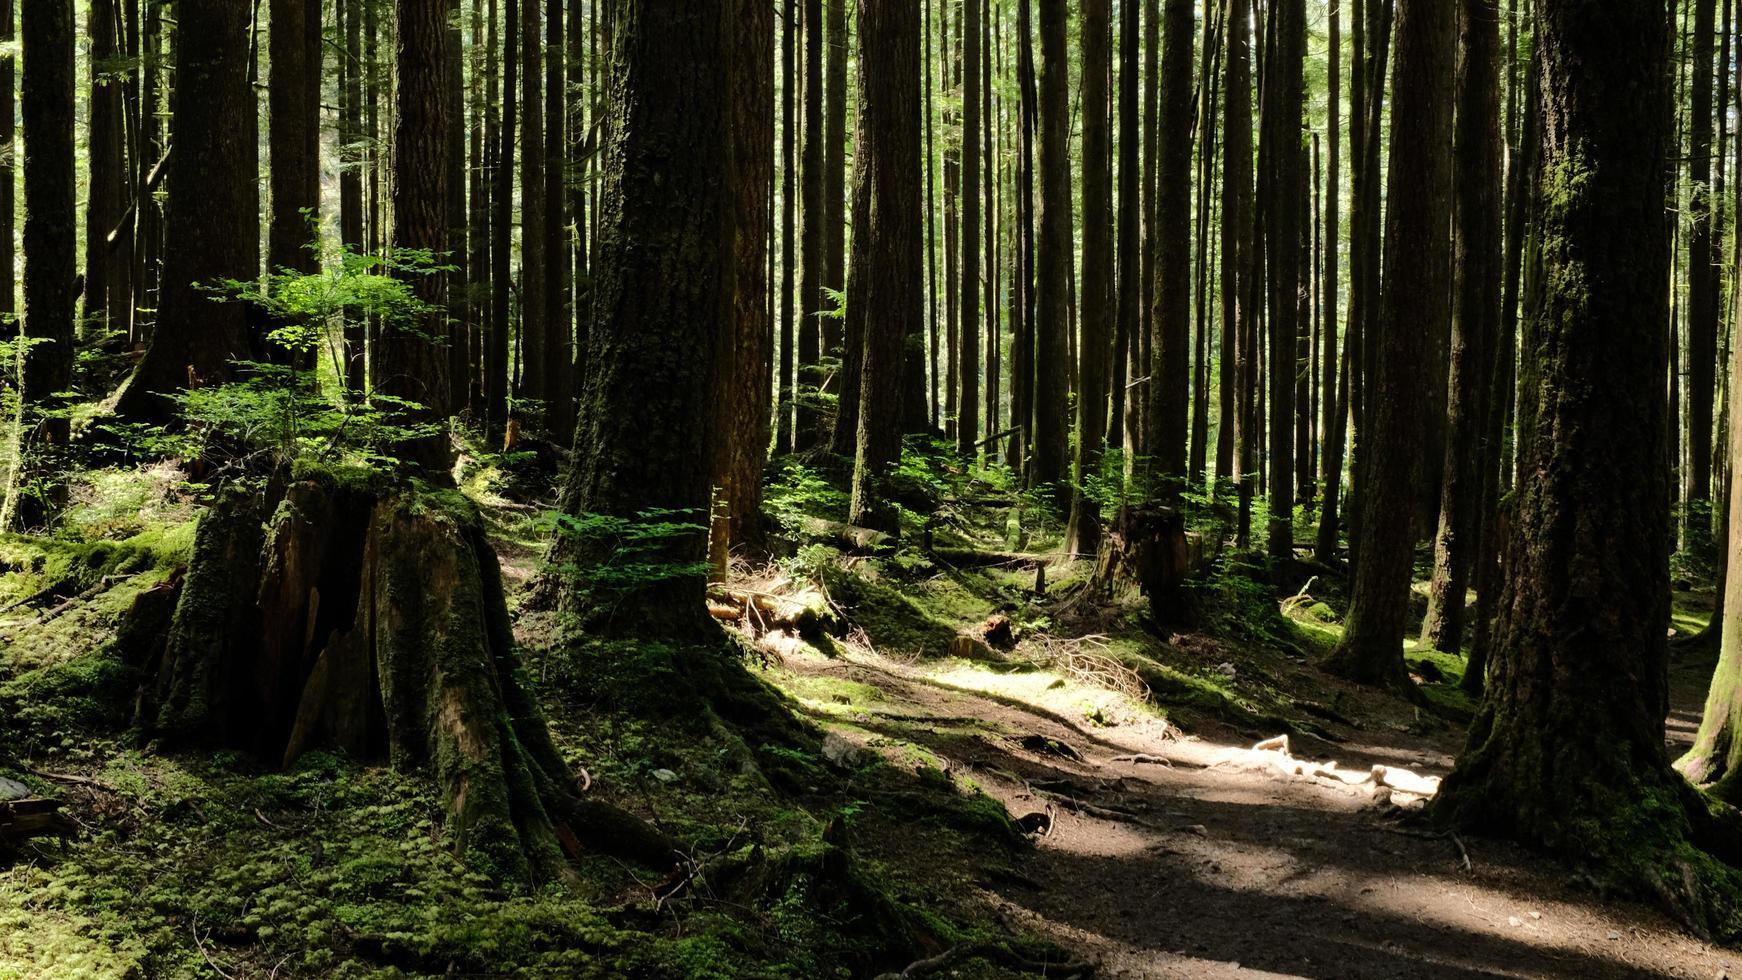 sentiero nel bosco in primavera foto